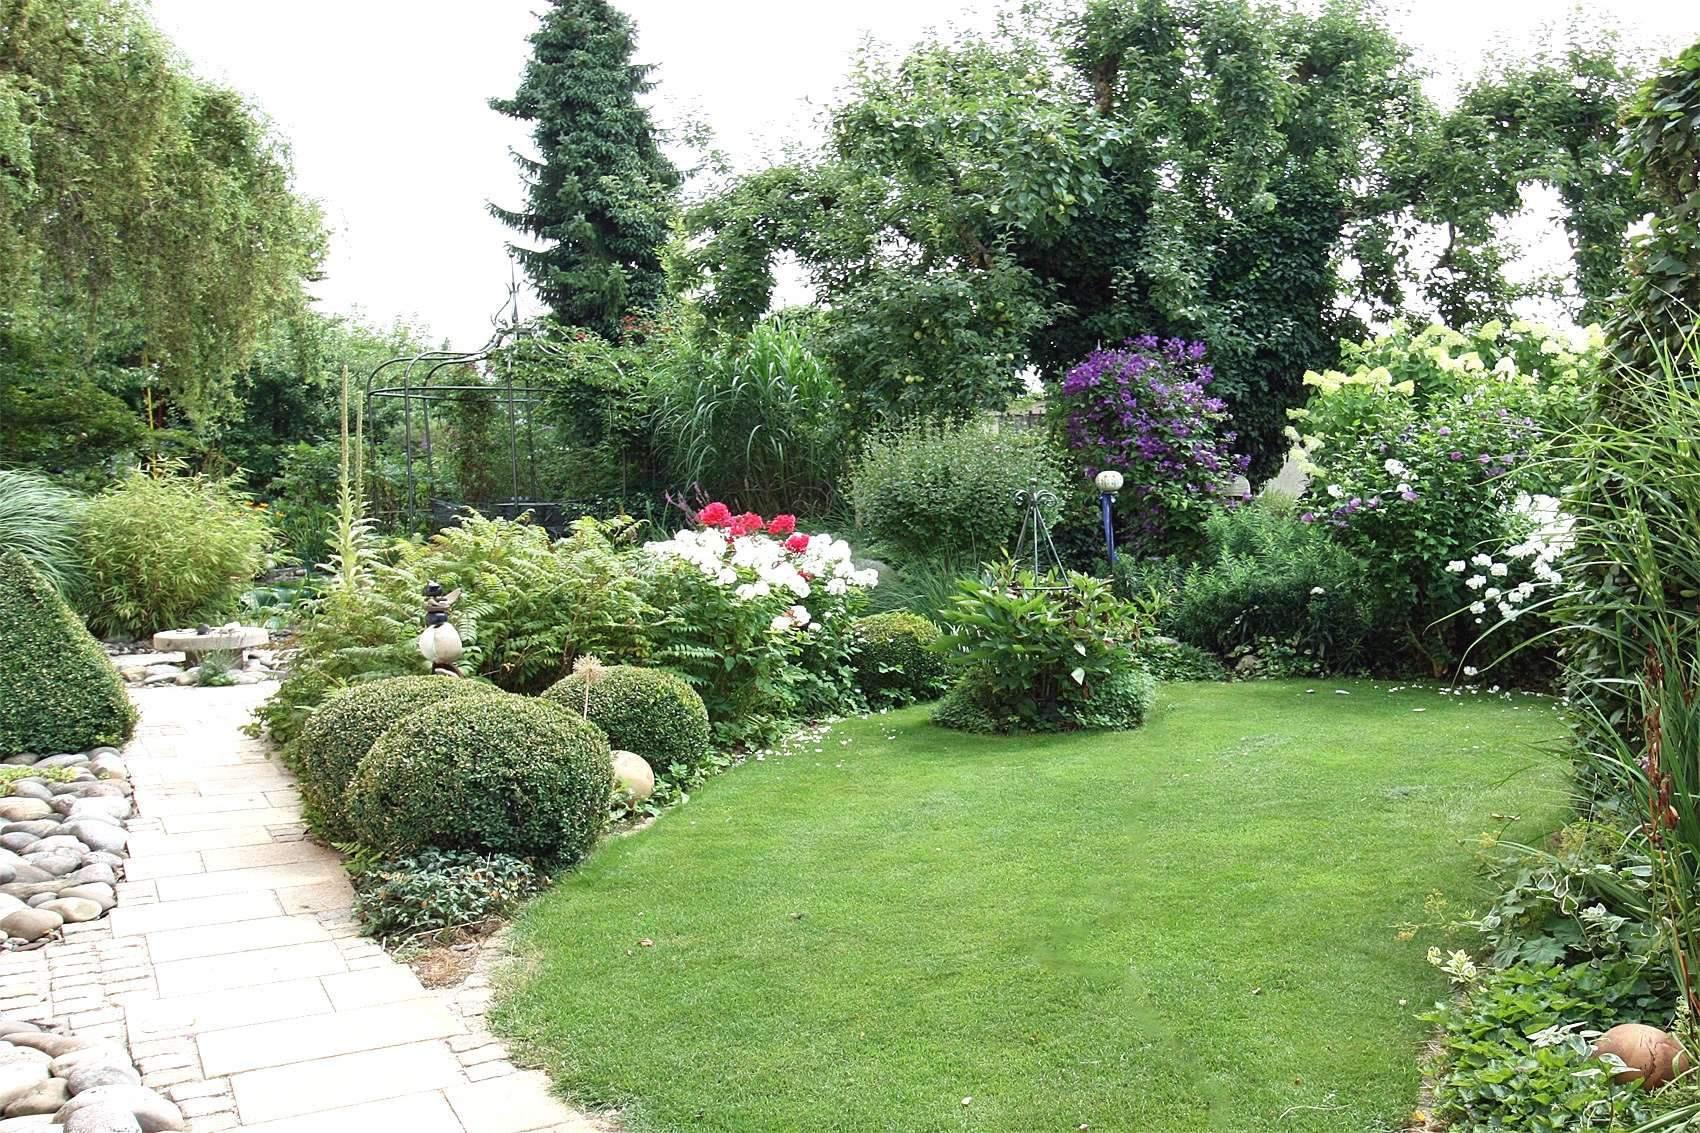 Pflegeleichte Pflanzen Garten Frisch 37 Frisch Pflegeleichter Garten Bilder Luxus